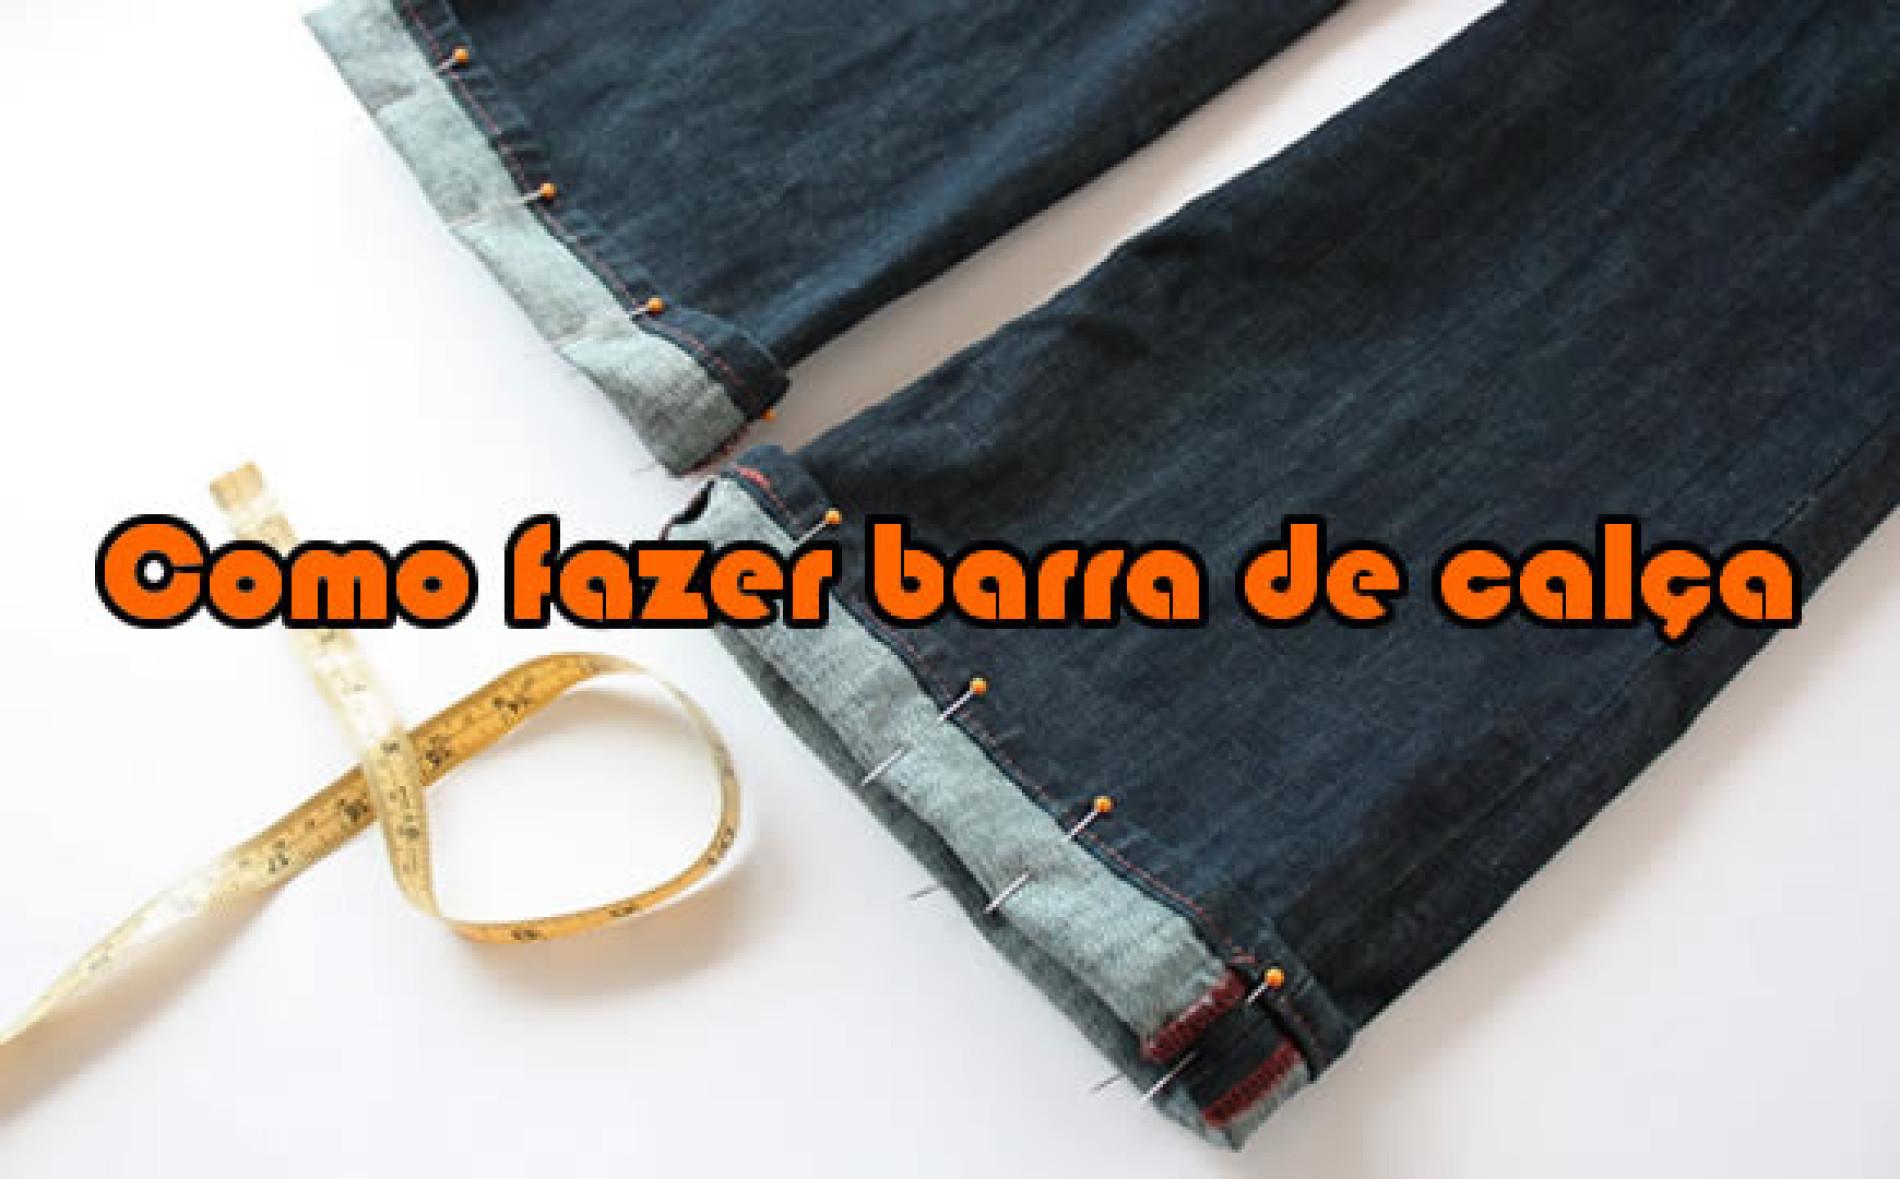 Como fazer barra de calça